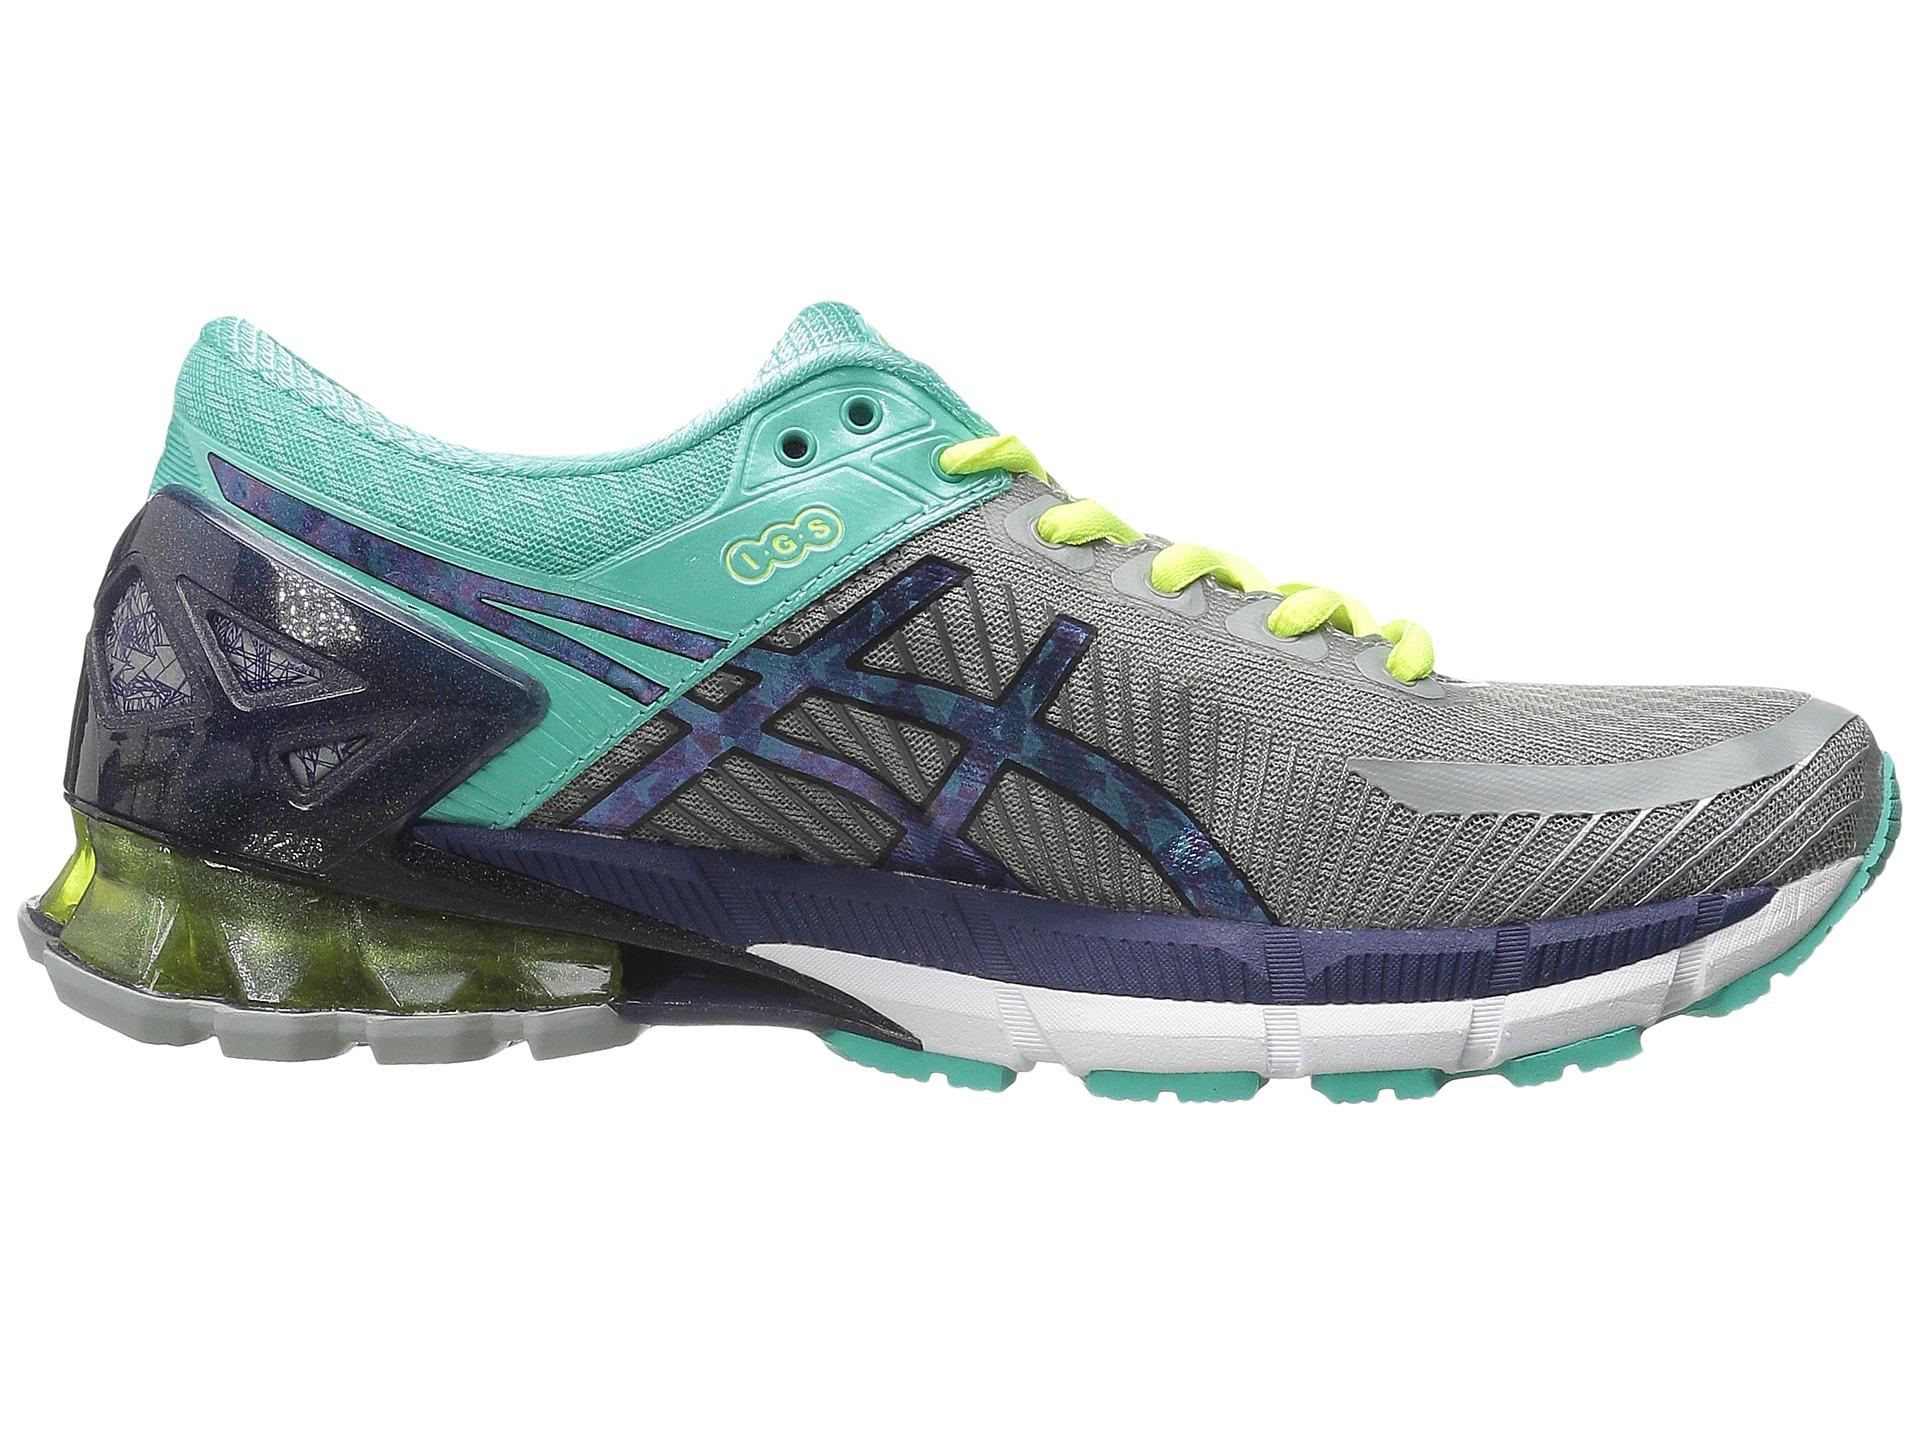 Running Shoe Glycerin Vs Cumulus